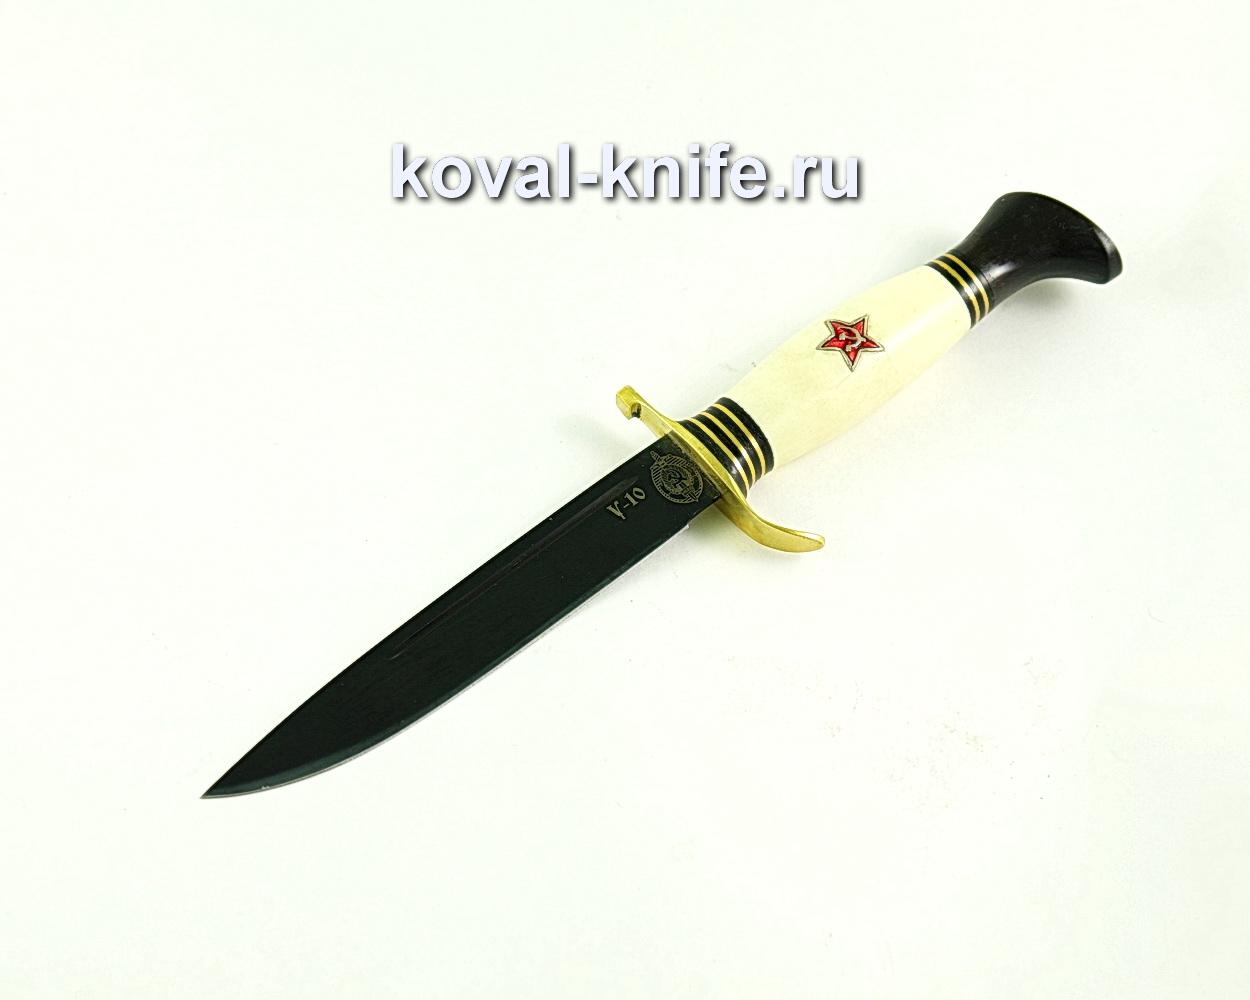 Нож Финка (сталь У10), рукоять пластик, эбонит, литье A343